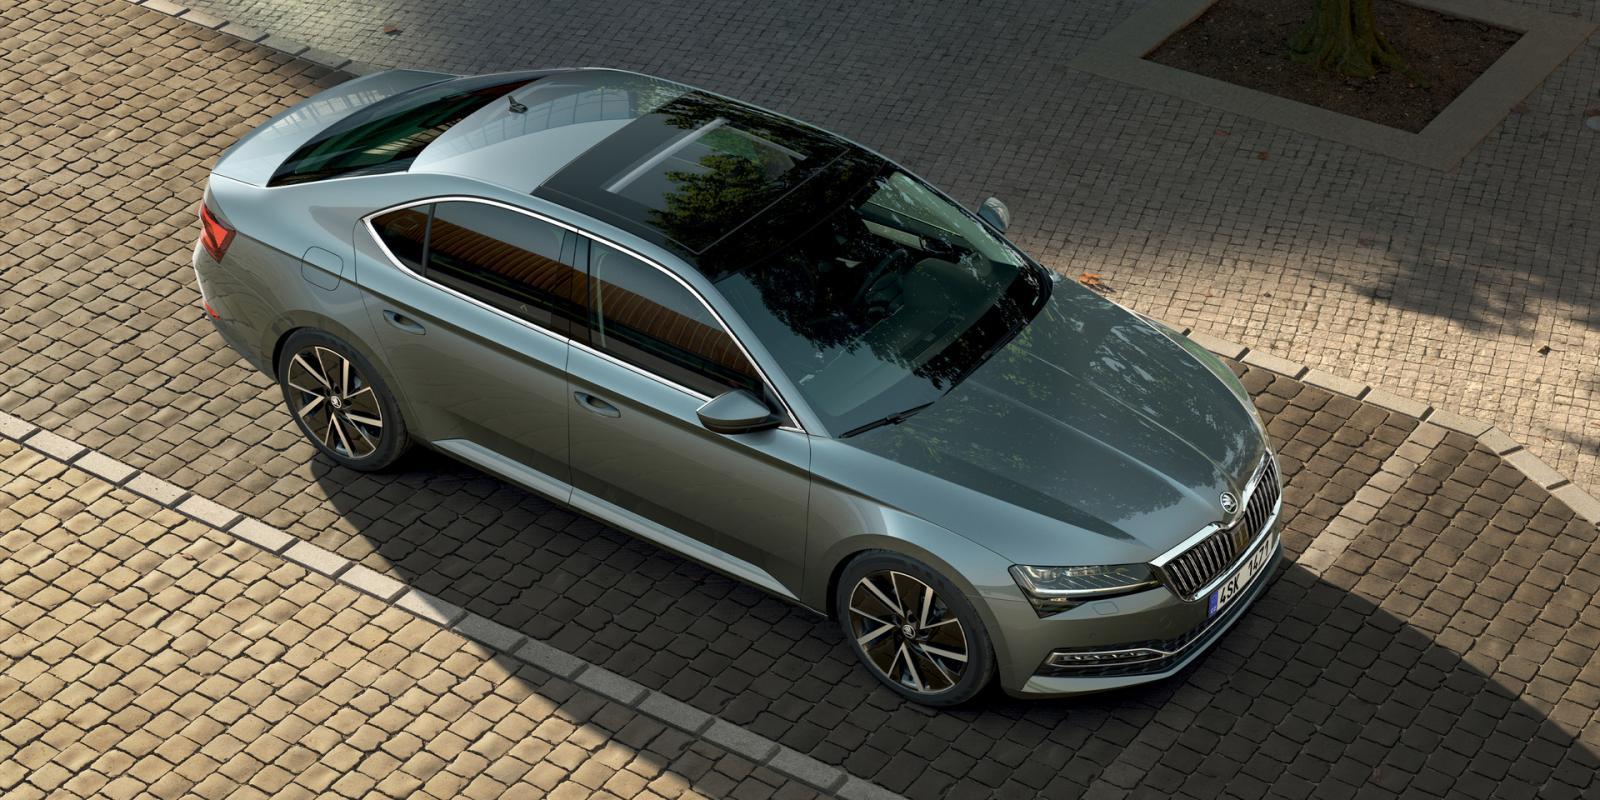 Las instalaciones también serán empleadas para llevar la producción del Škoda Superb